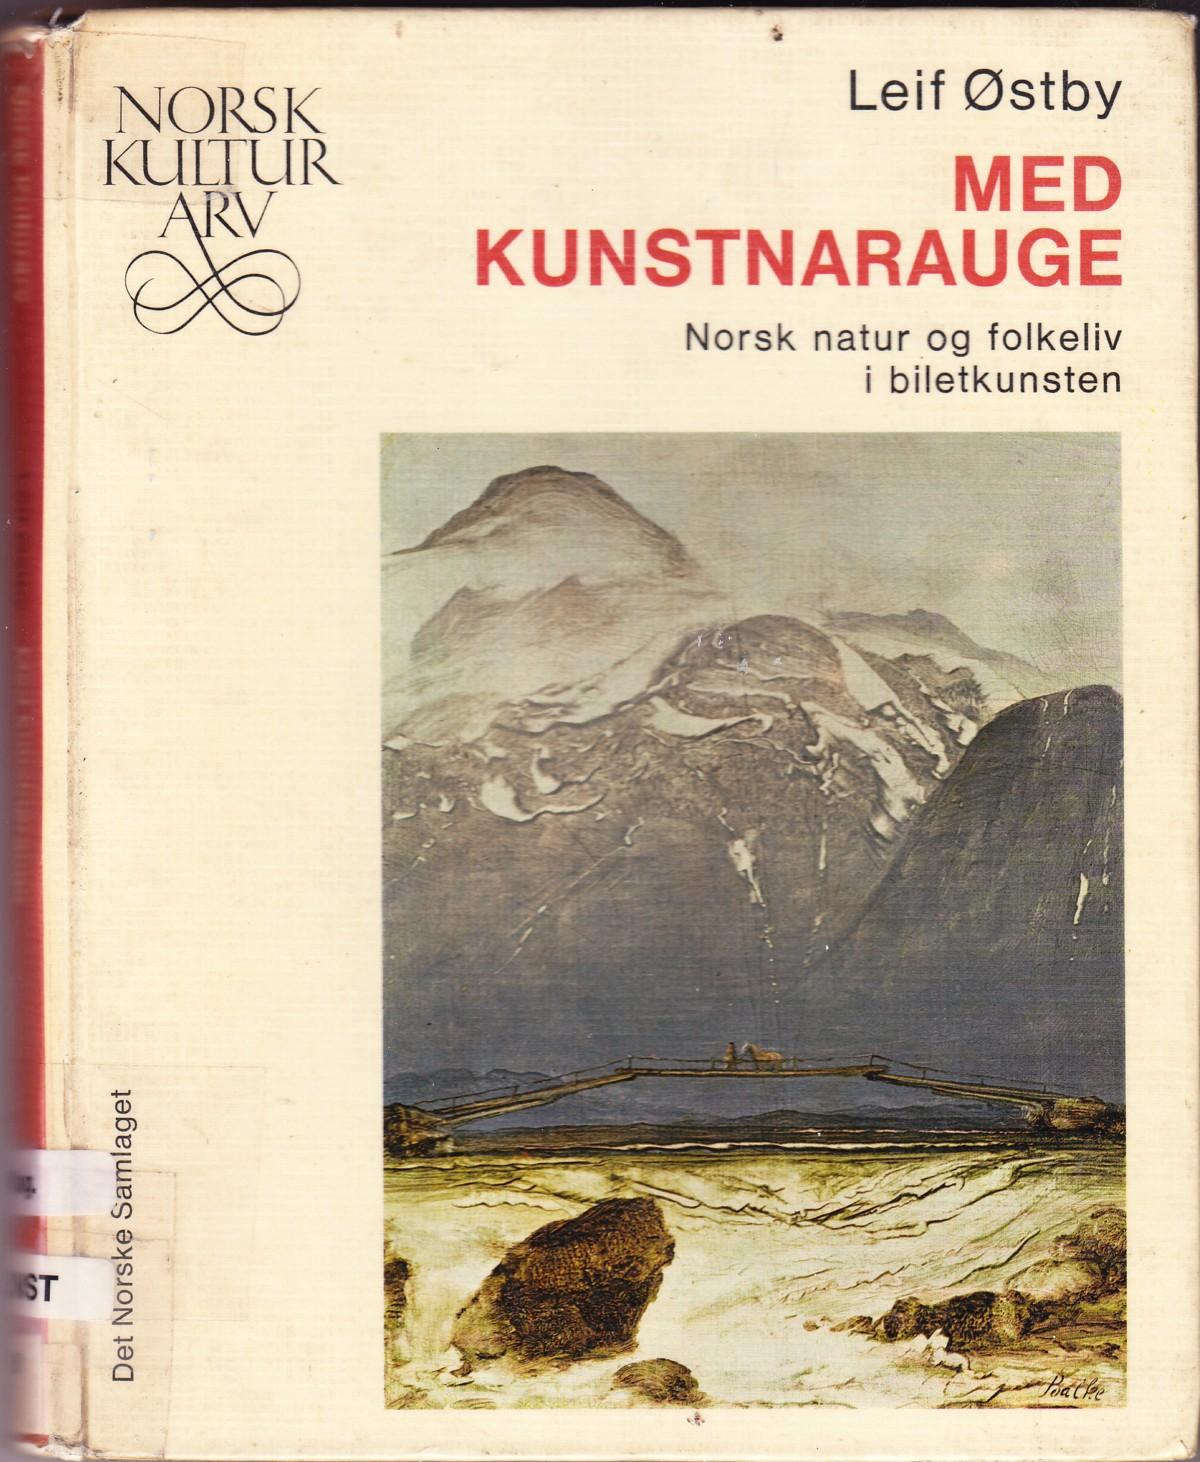 """""""Med kunstnarauge - Norsk natur og folkeliv i biletkunsten - Norsk kulturarv 6"""" av Leif Østby"""